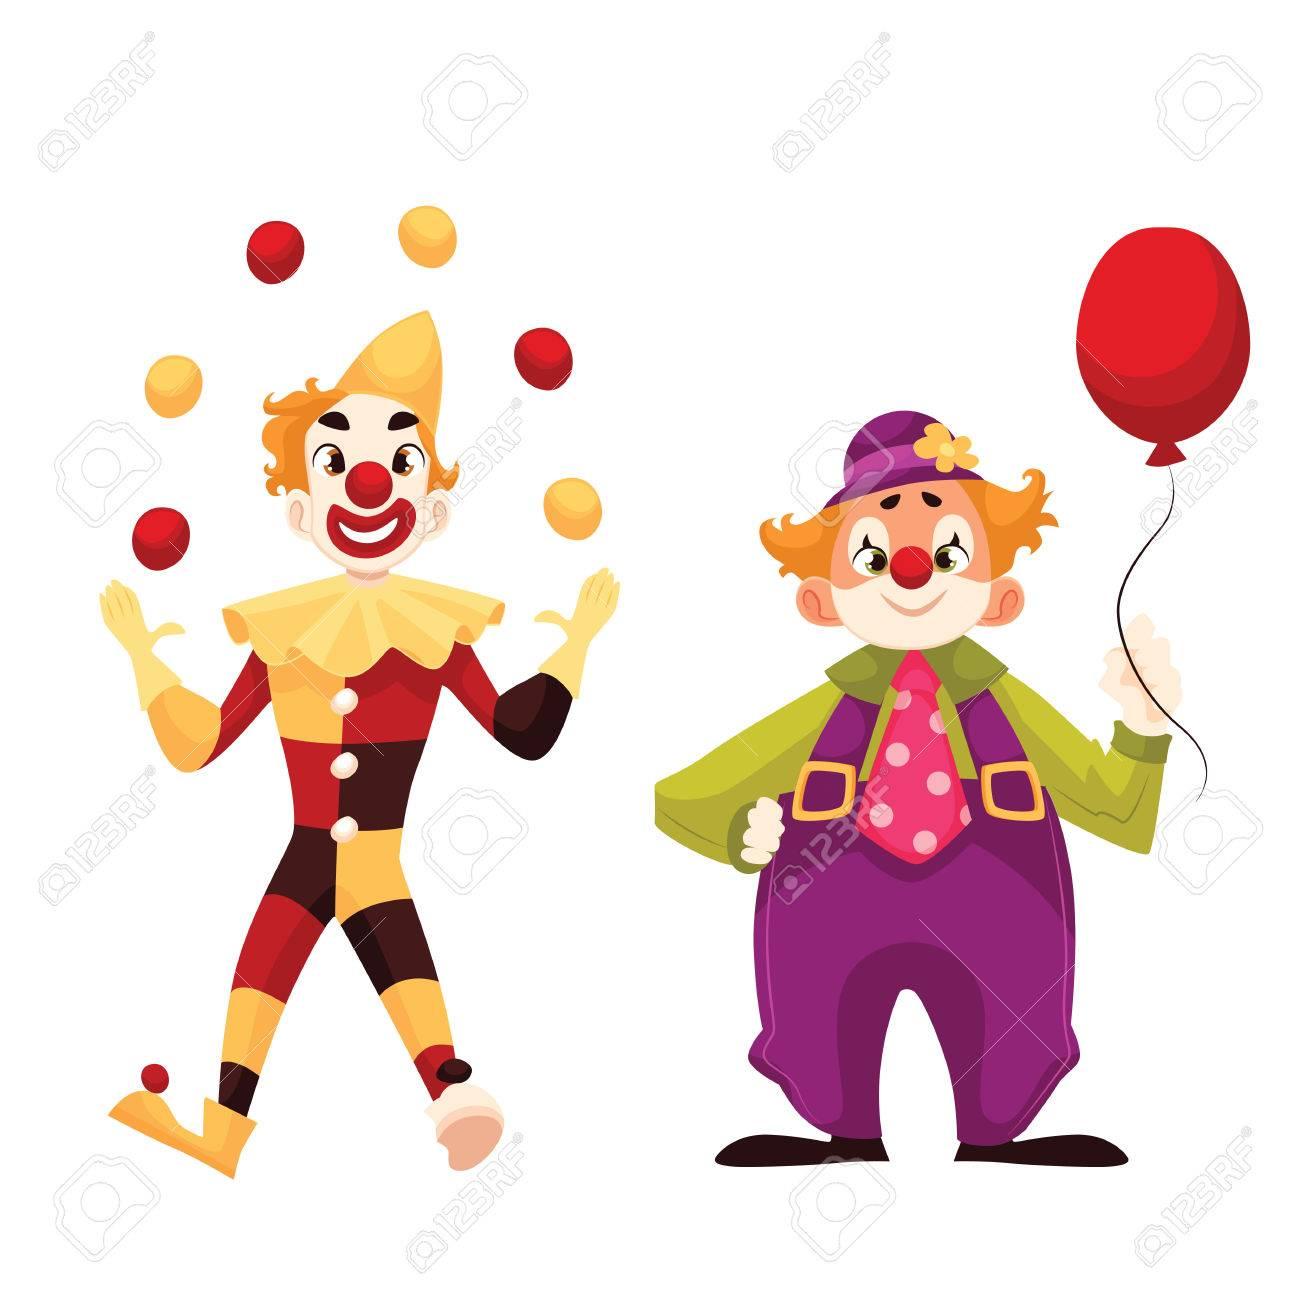 Zwei Fröhliche Clown Auf Einen Urlaub Vektor Cartoon Comic